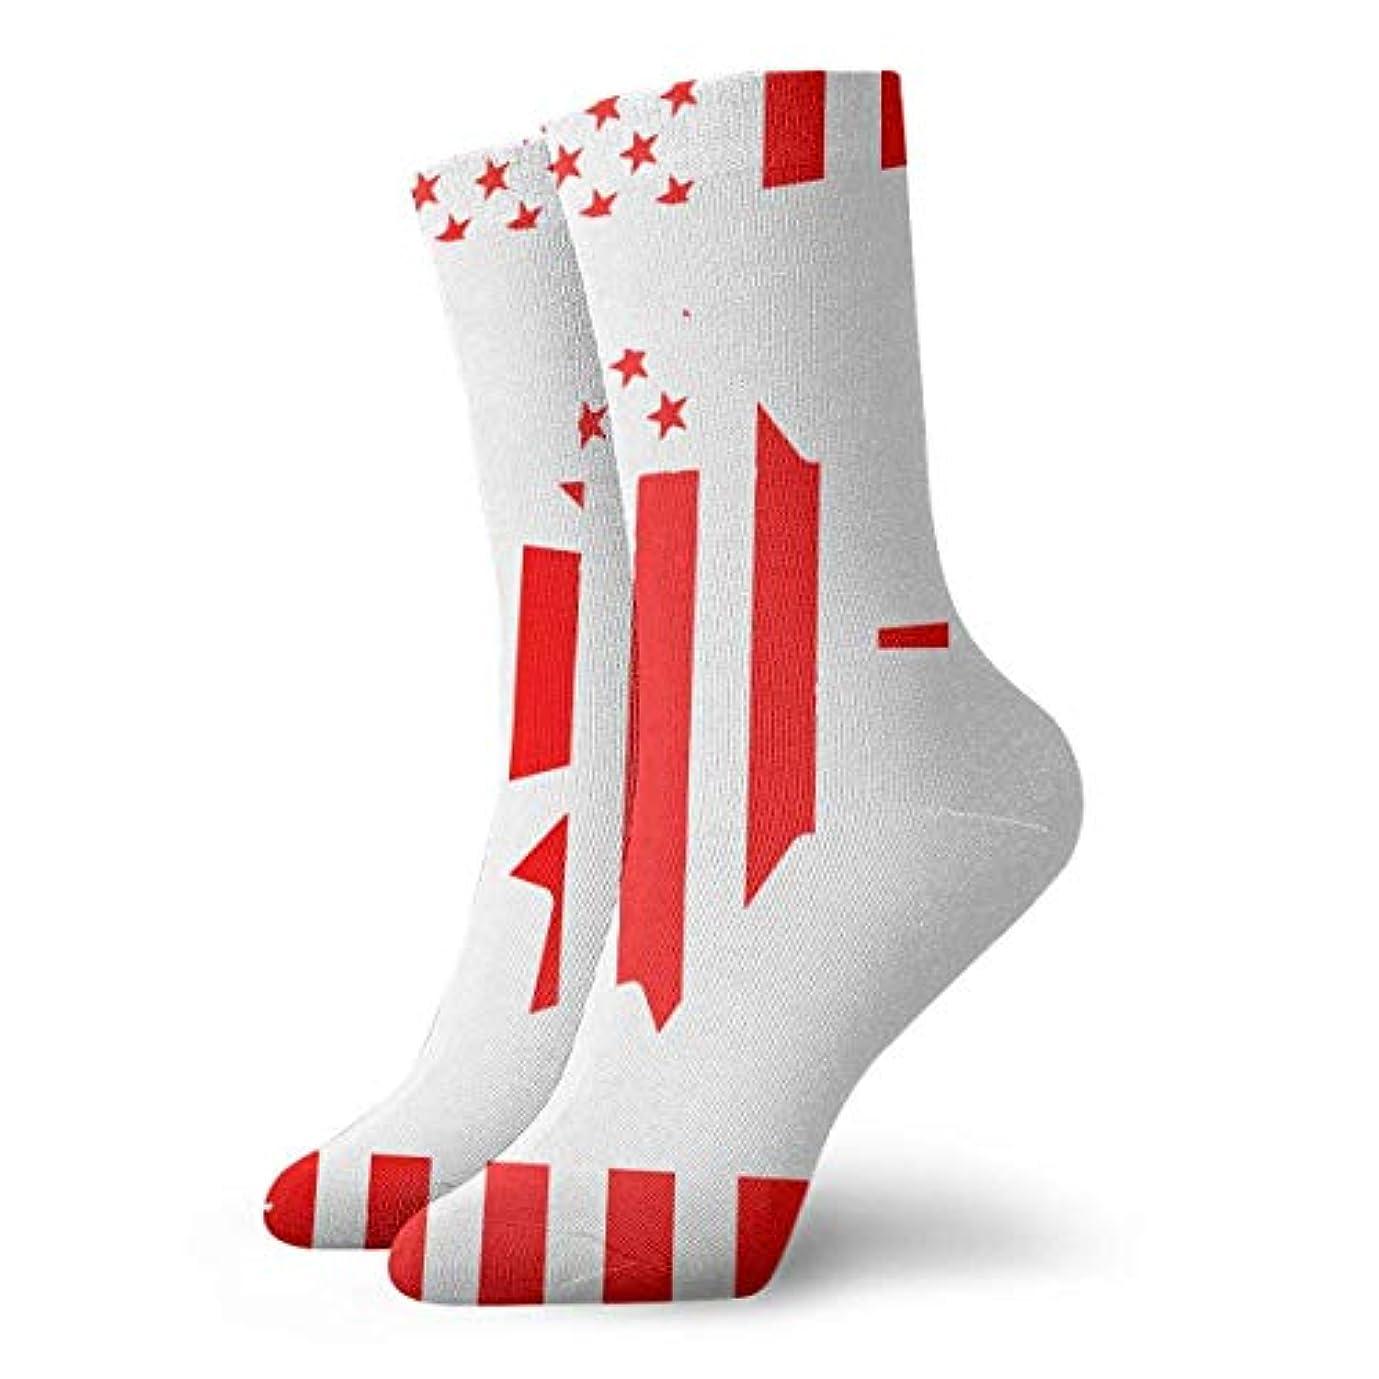 Qririyユニセックスカラフルドレスソックス、カナダフラグメープル、冬ソフトコージー暖かい靴下かわいい面白いクルーコットンソックス1パック